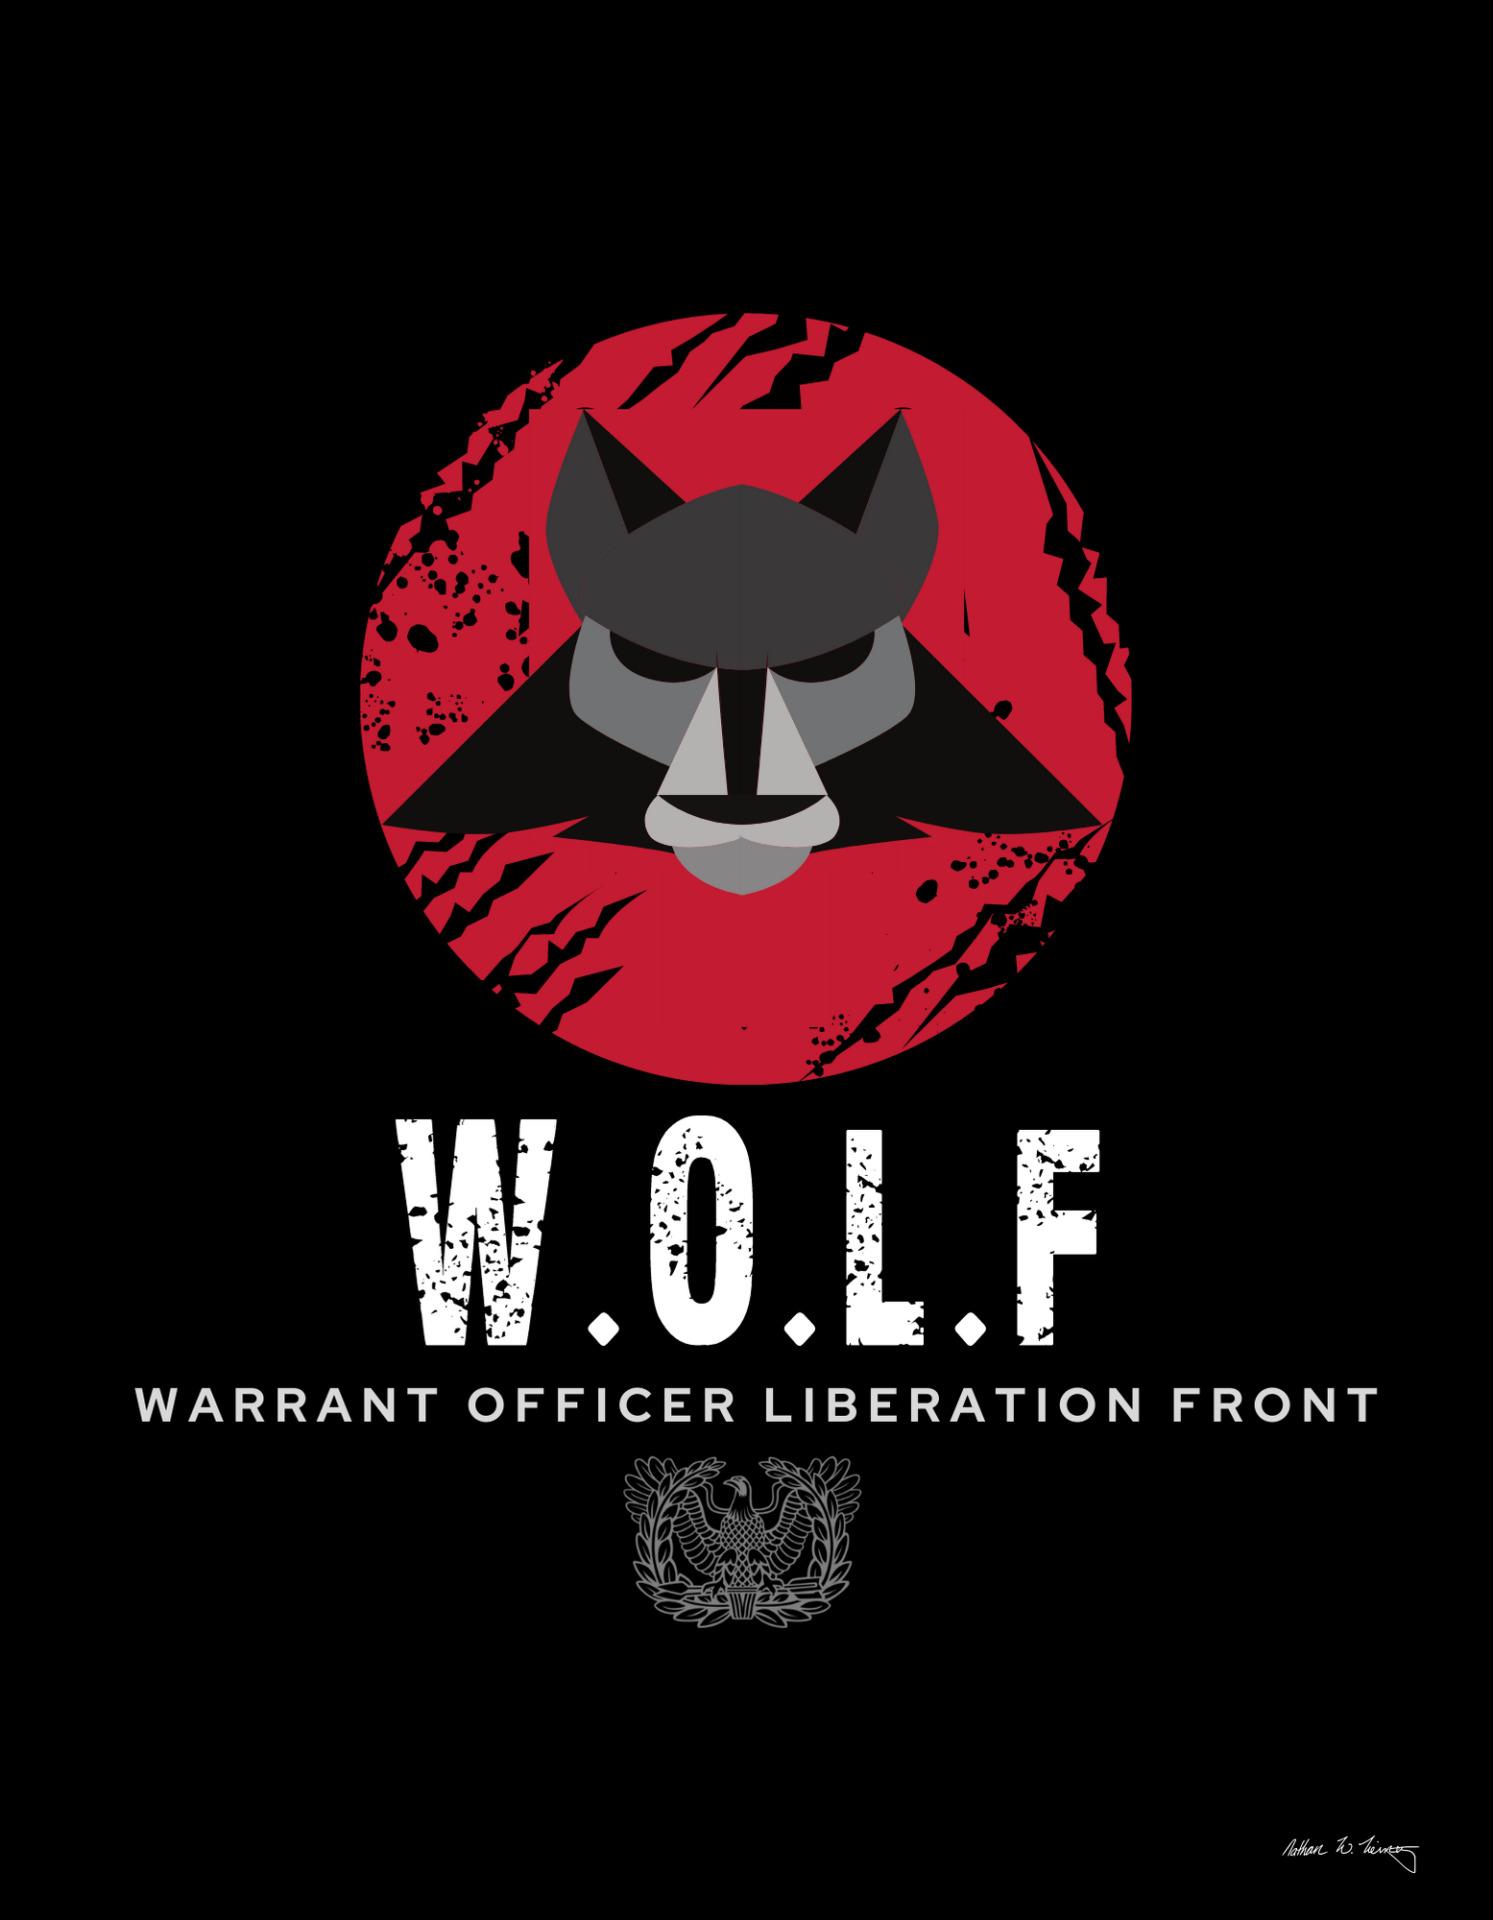 Warrant Officer Liberation Front logo design 4